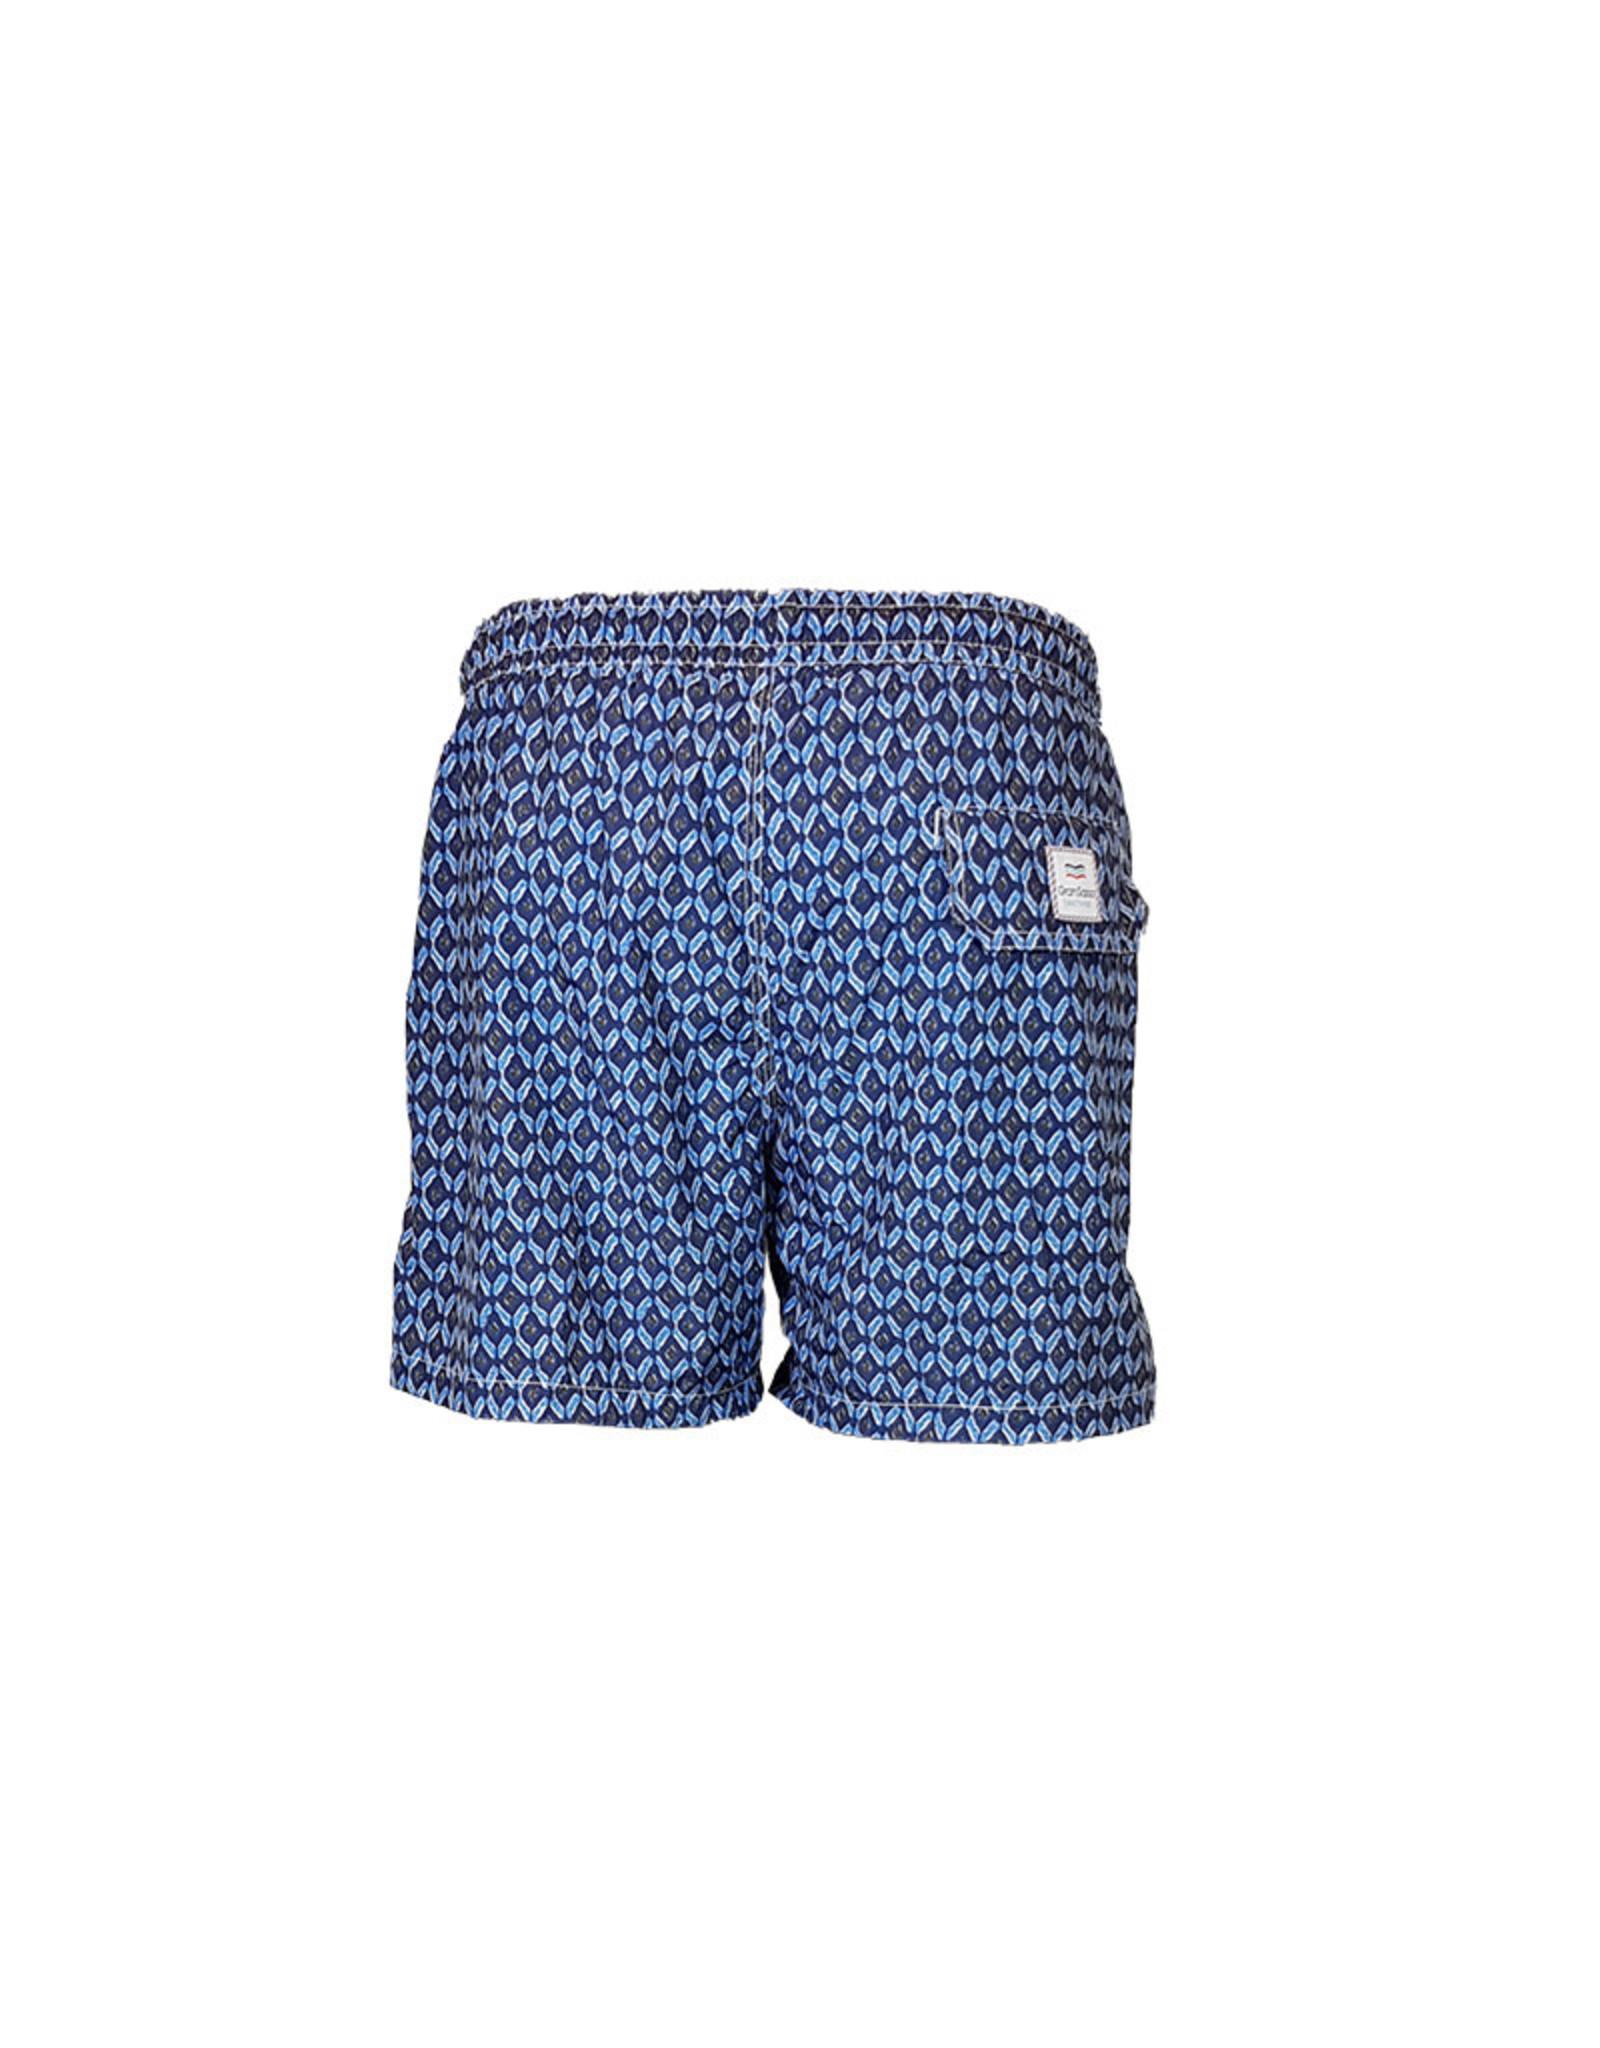 Gran Sasso Gran Sasso zwembroek blauw 58100/598 M:90101